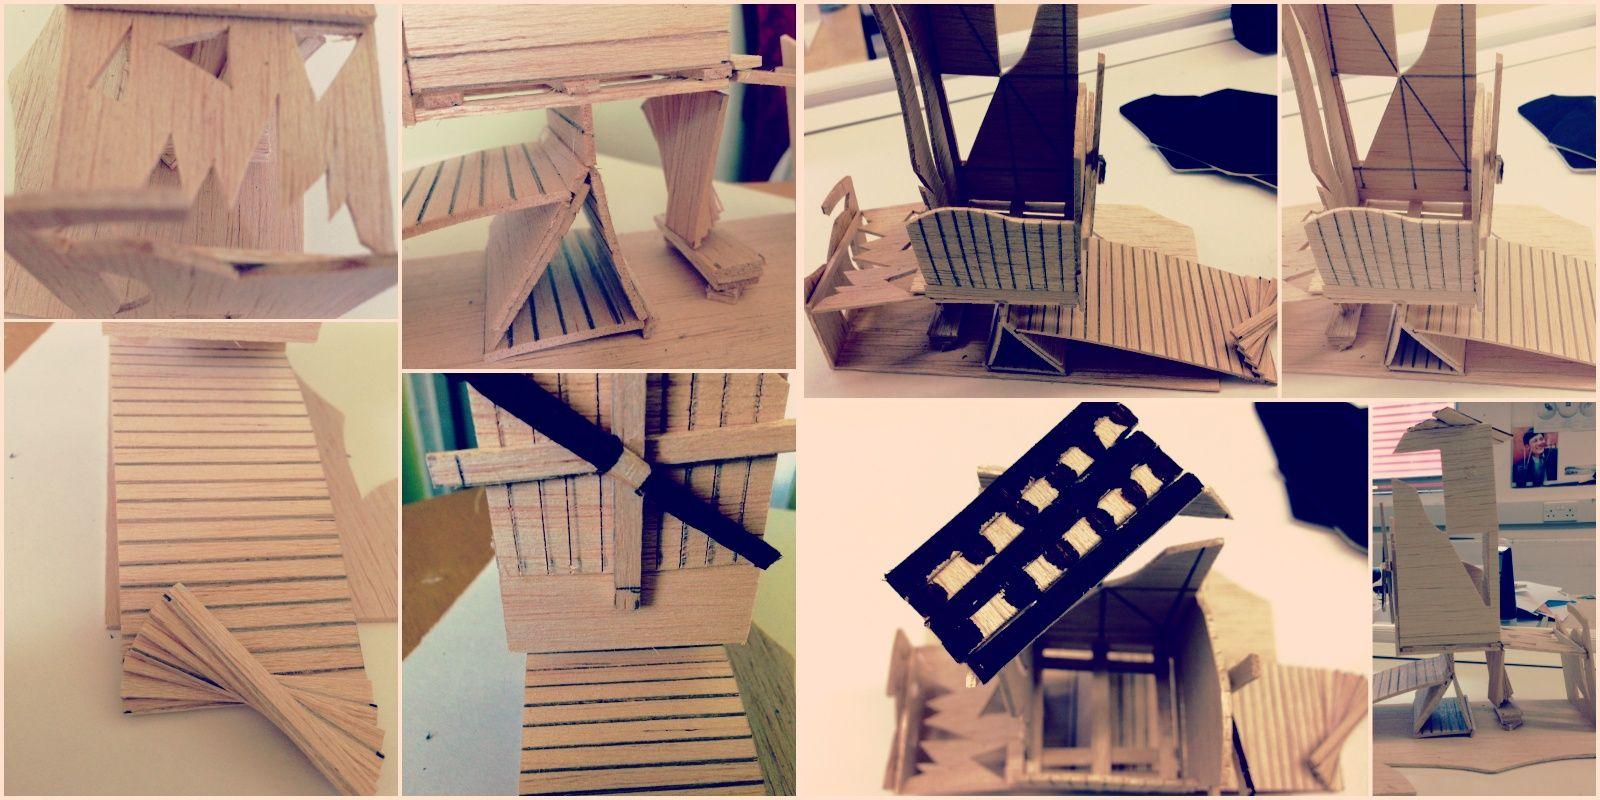 Balsa Wood Playground Wood Playground Model Making Home Decor